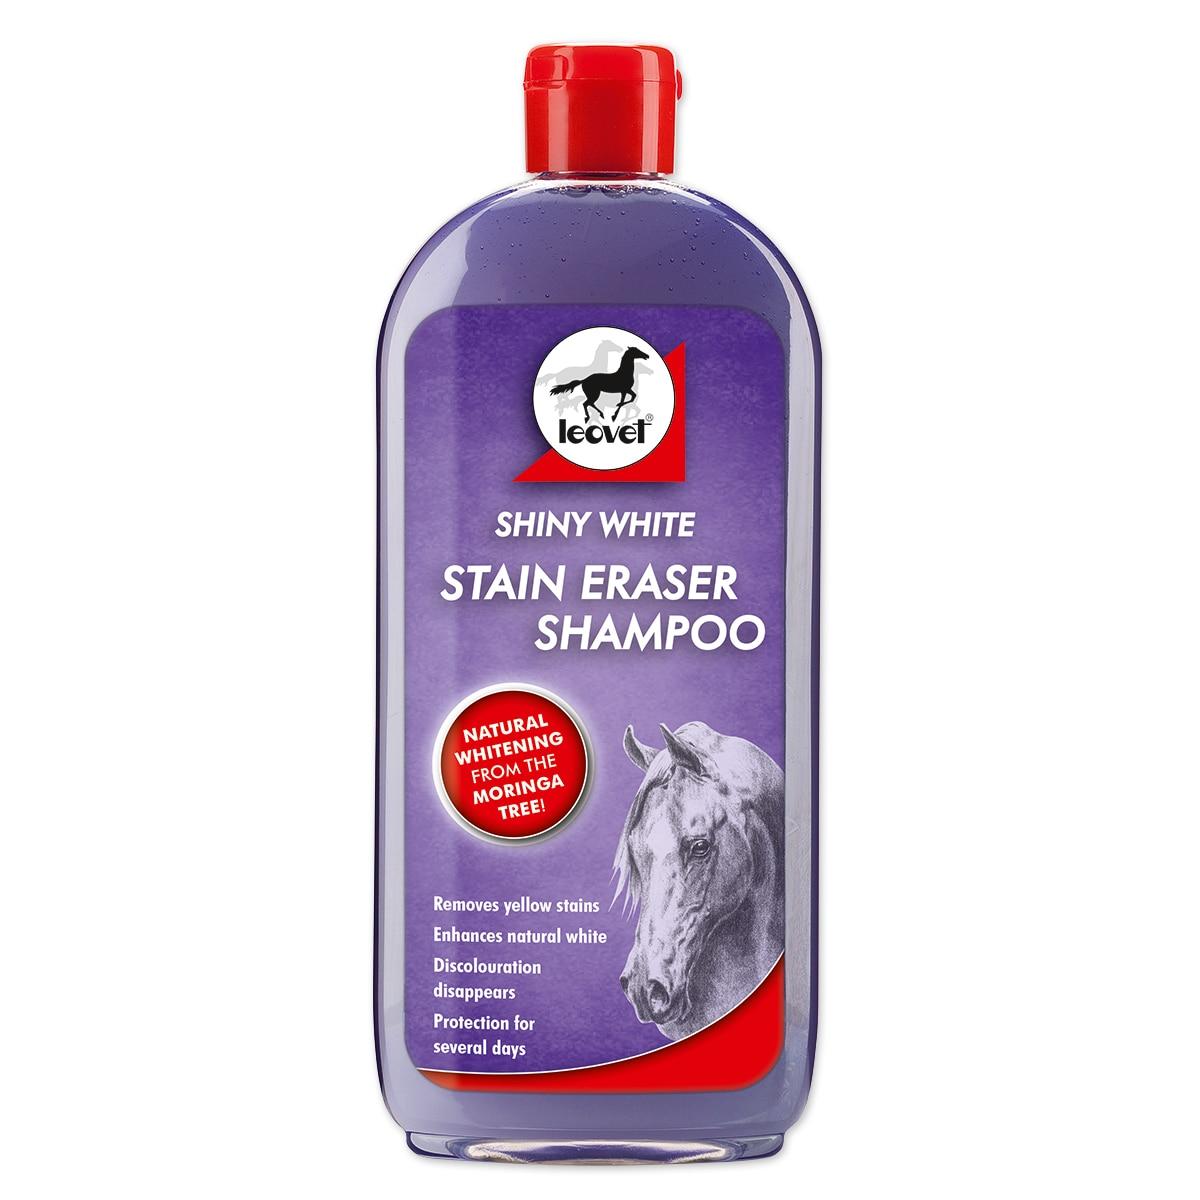 Leovet® Shiny White Stain Eraser Shampoo (Formerly Shiny White Shampoo)